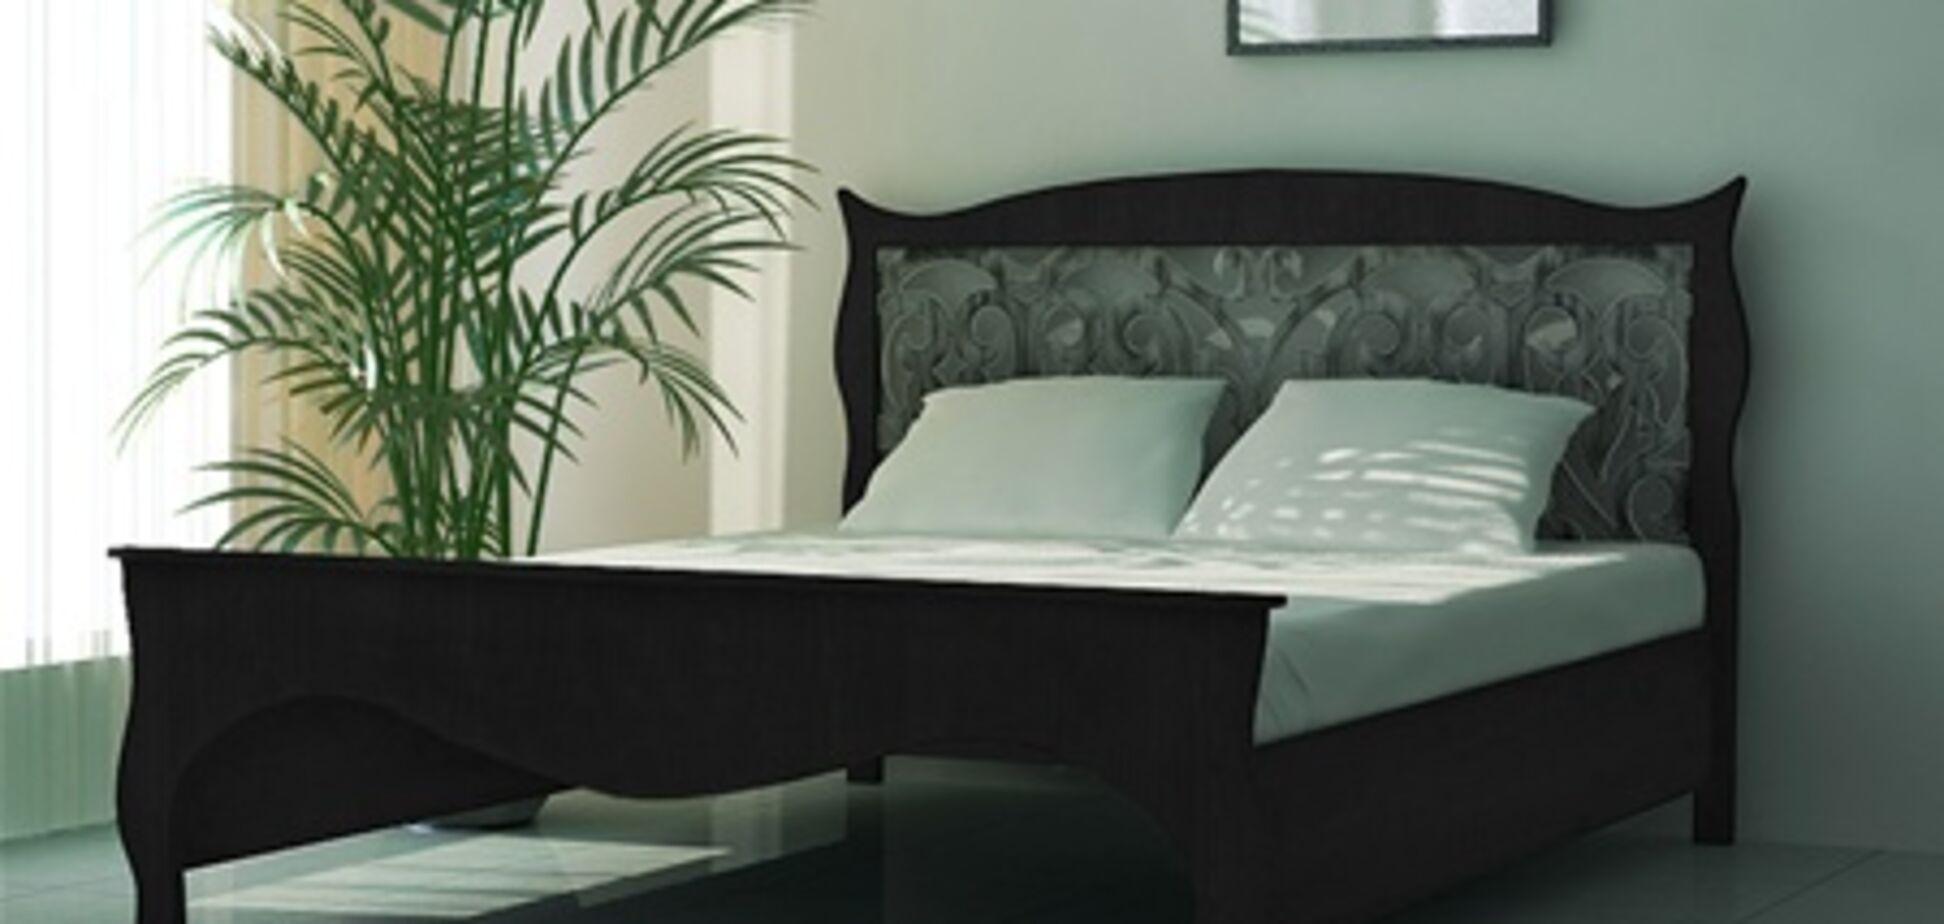 Лучшие идеи для спальни